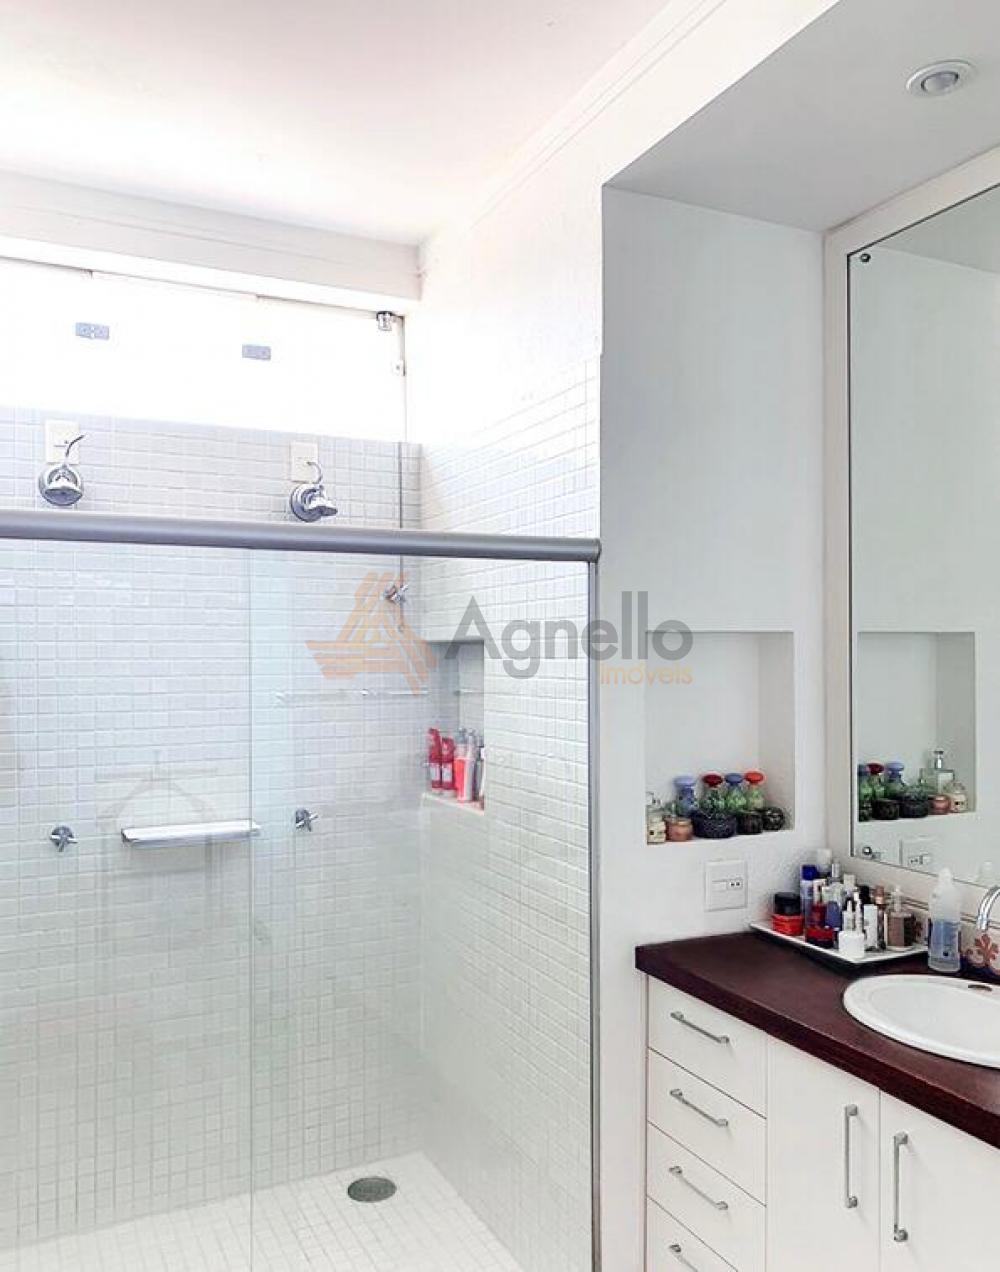 Comprar Casa / Padrão em Franca apenas R$ 1.200.000,00 - Foto 28